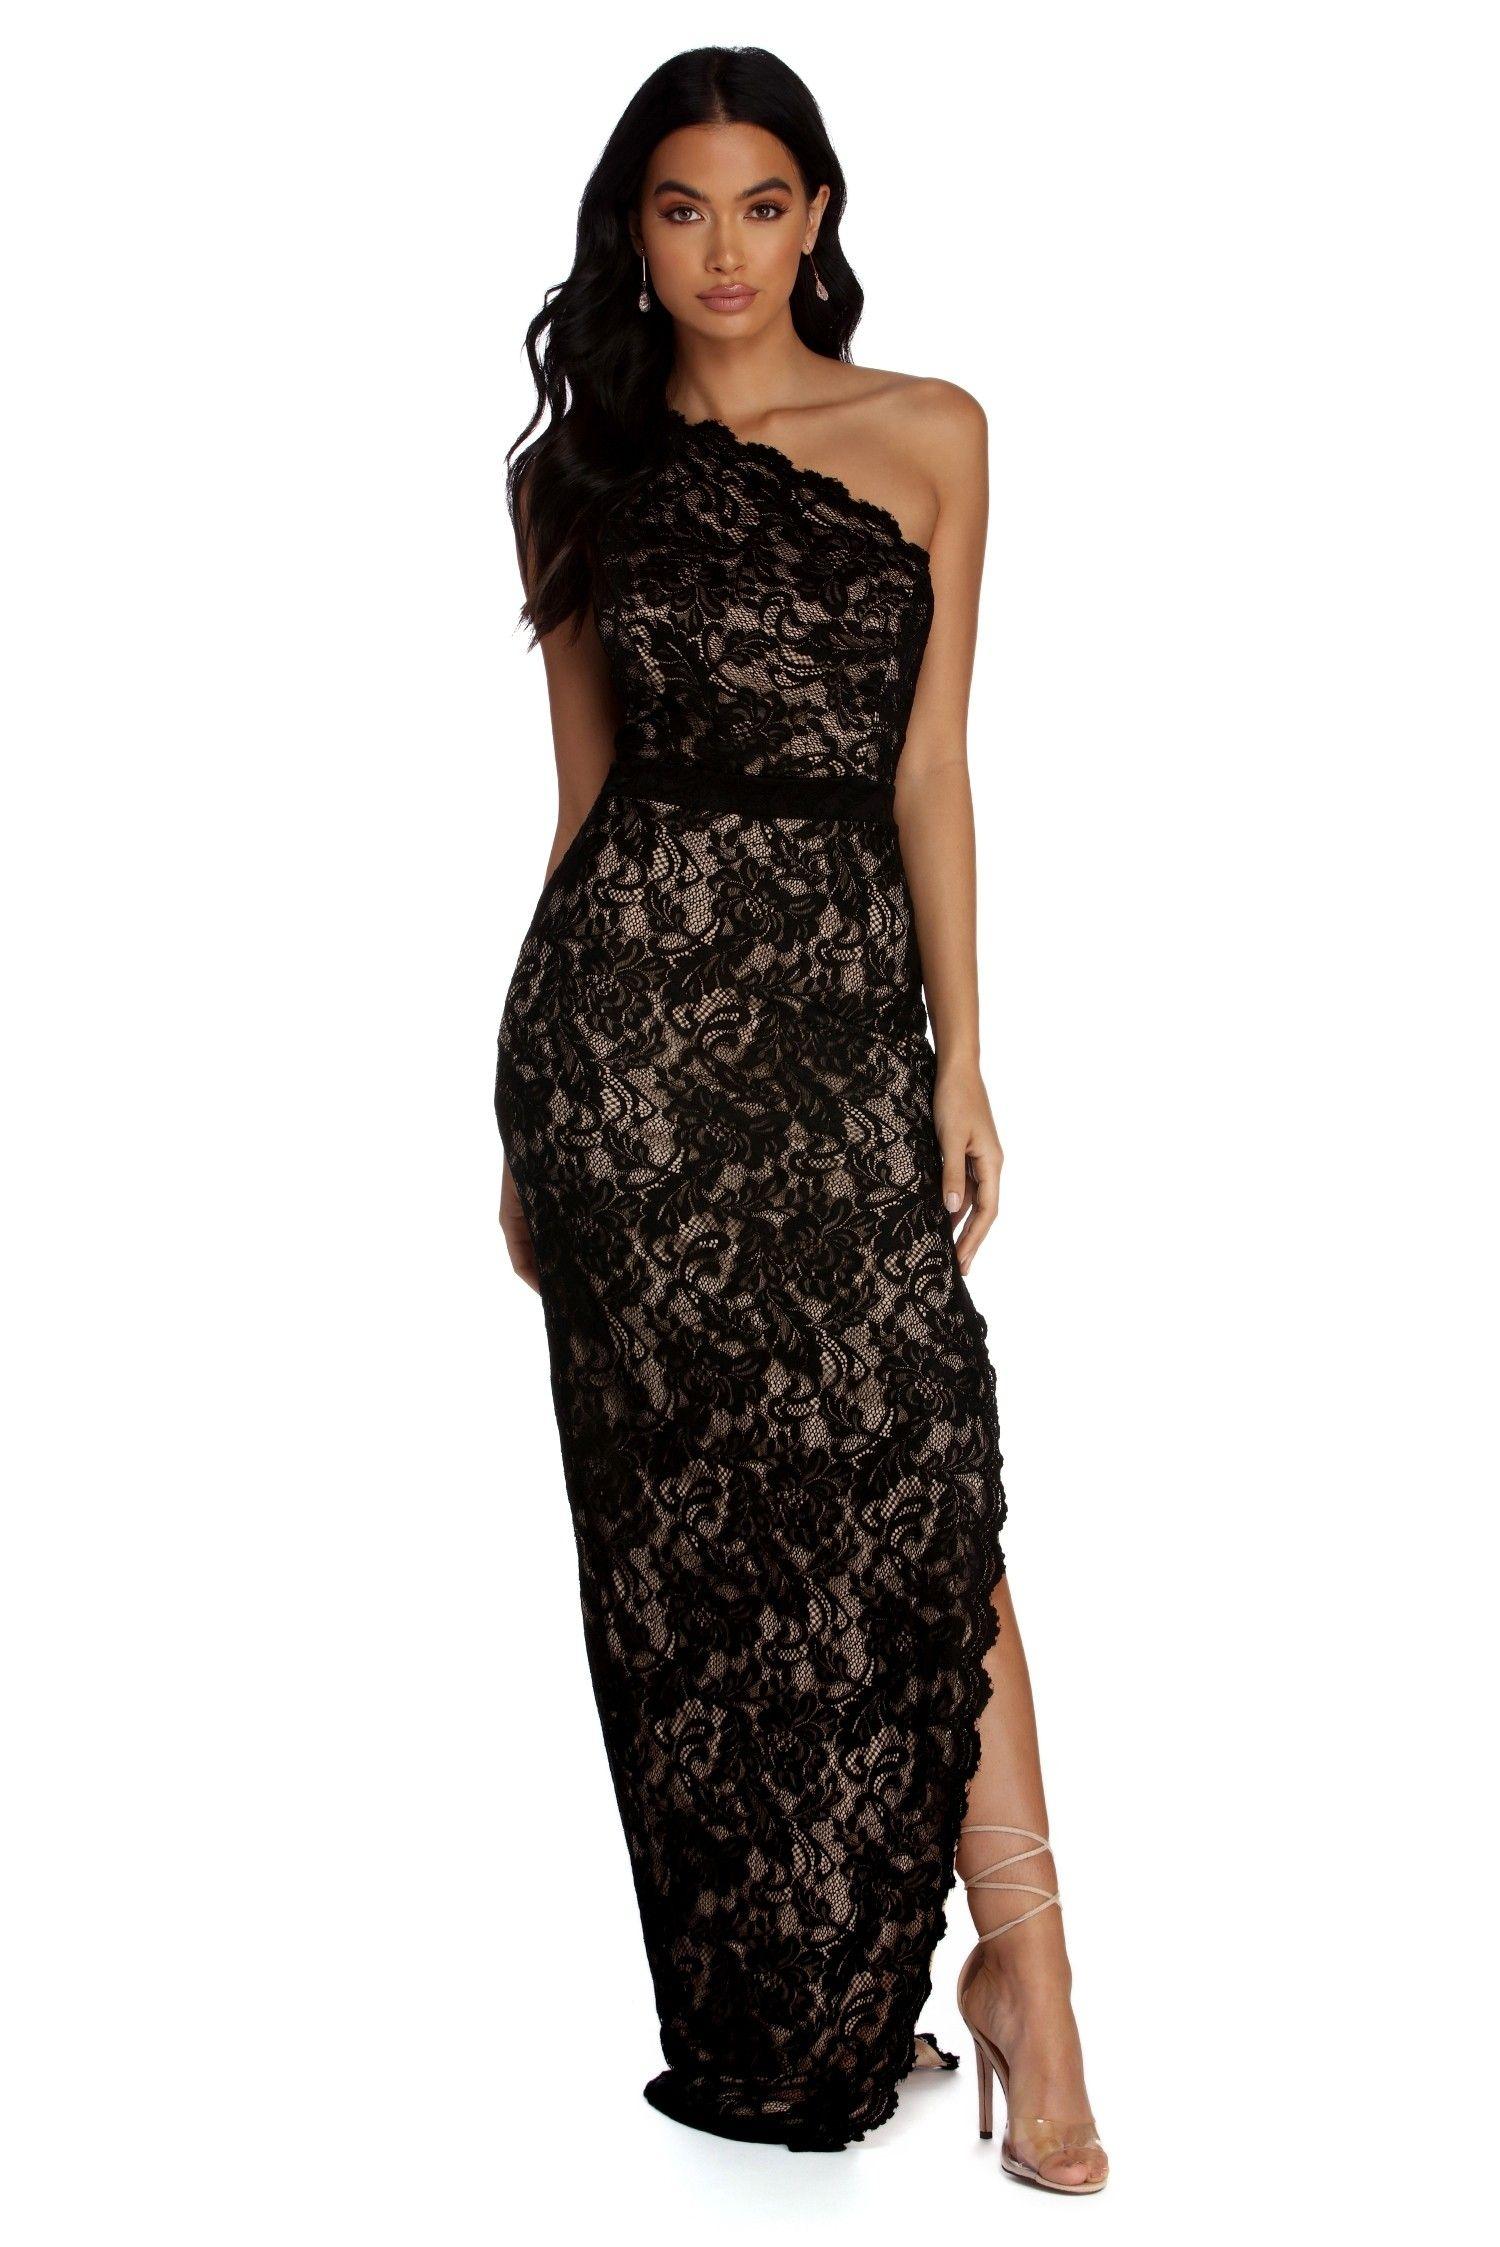 Nina Formal One Shoulder Lace Dress Black Lace Dress Long Lace Dress Black Tie Dress Wedding